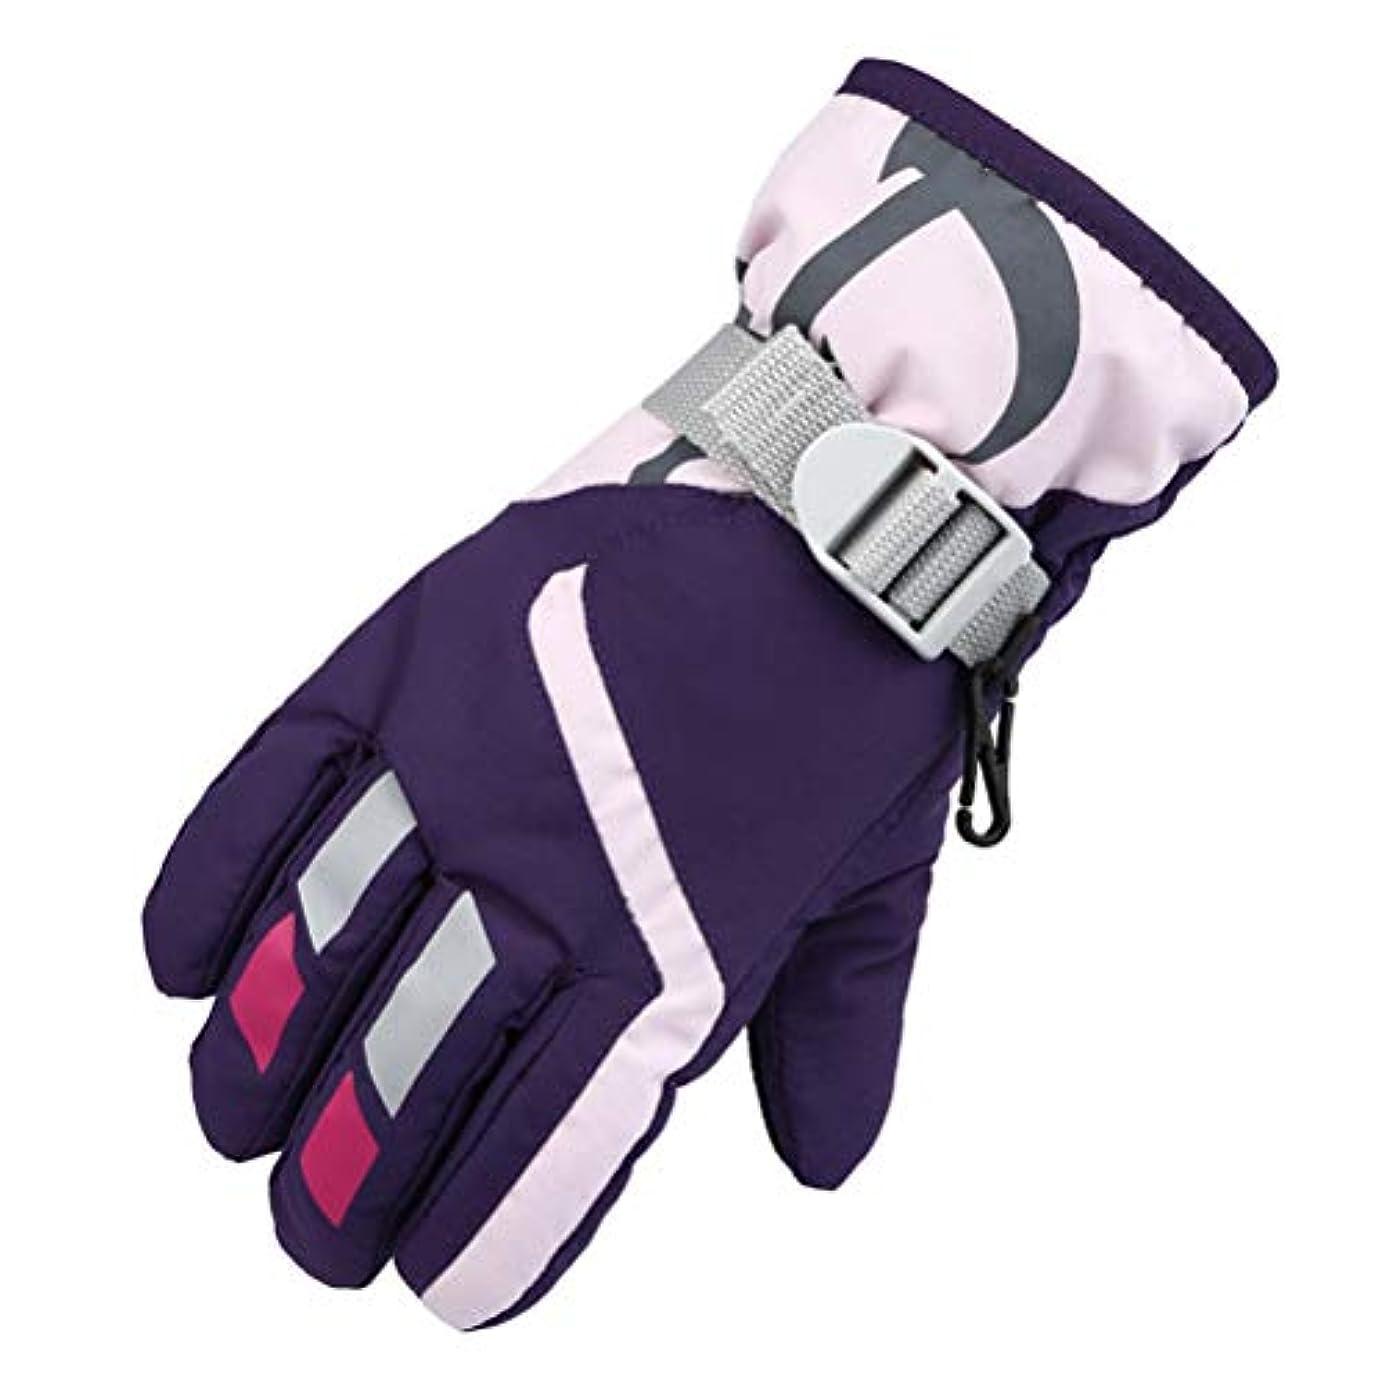 受け入れるジャズ飼いならすTAIPPAN 子供用スキー手袋冬は、暖かい手袋調節可能な耐寒性手袋厚く防寒グローブ 保温 冬 厚手 革 防寒 スポーツグローブ